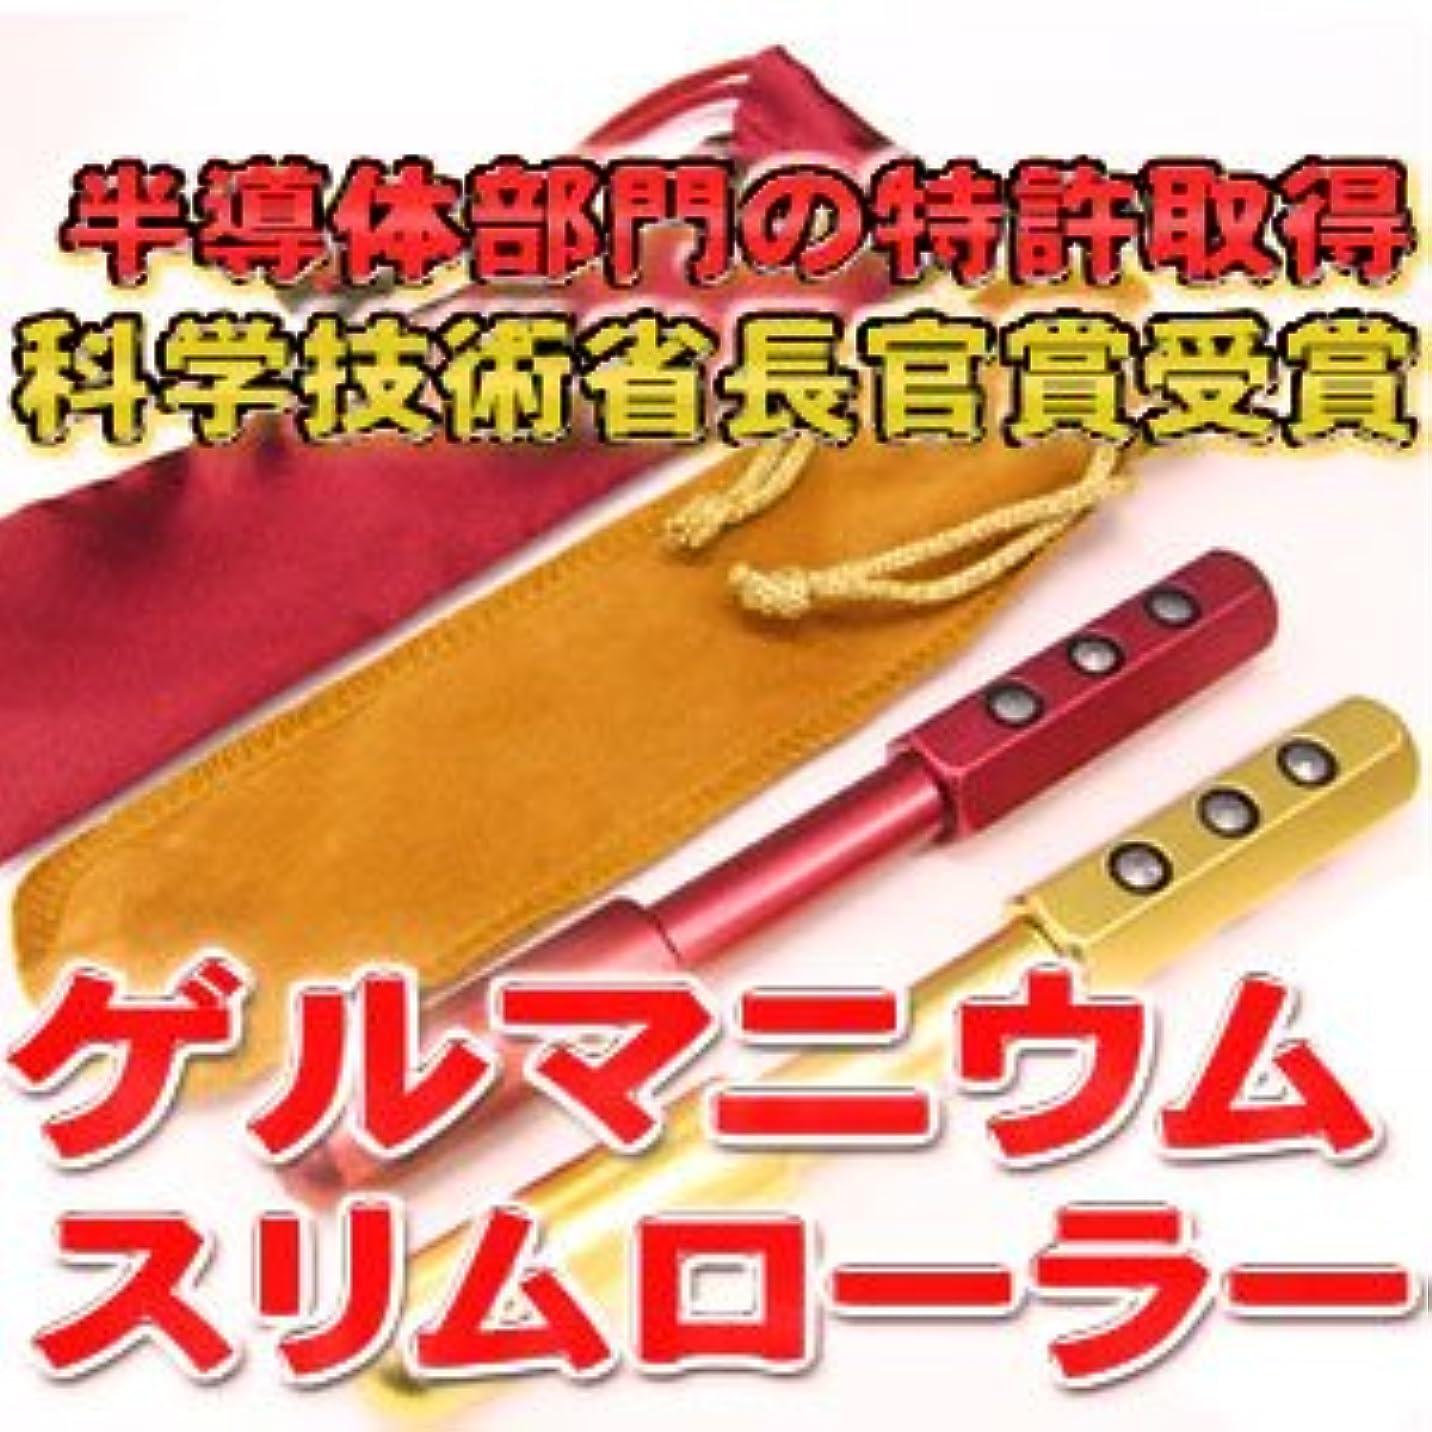 ブリーフケースレンドラジカルゲルマニウムスリムローラー (半導体ビューティーローラー)(フェイスバージョン) ピンク